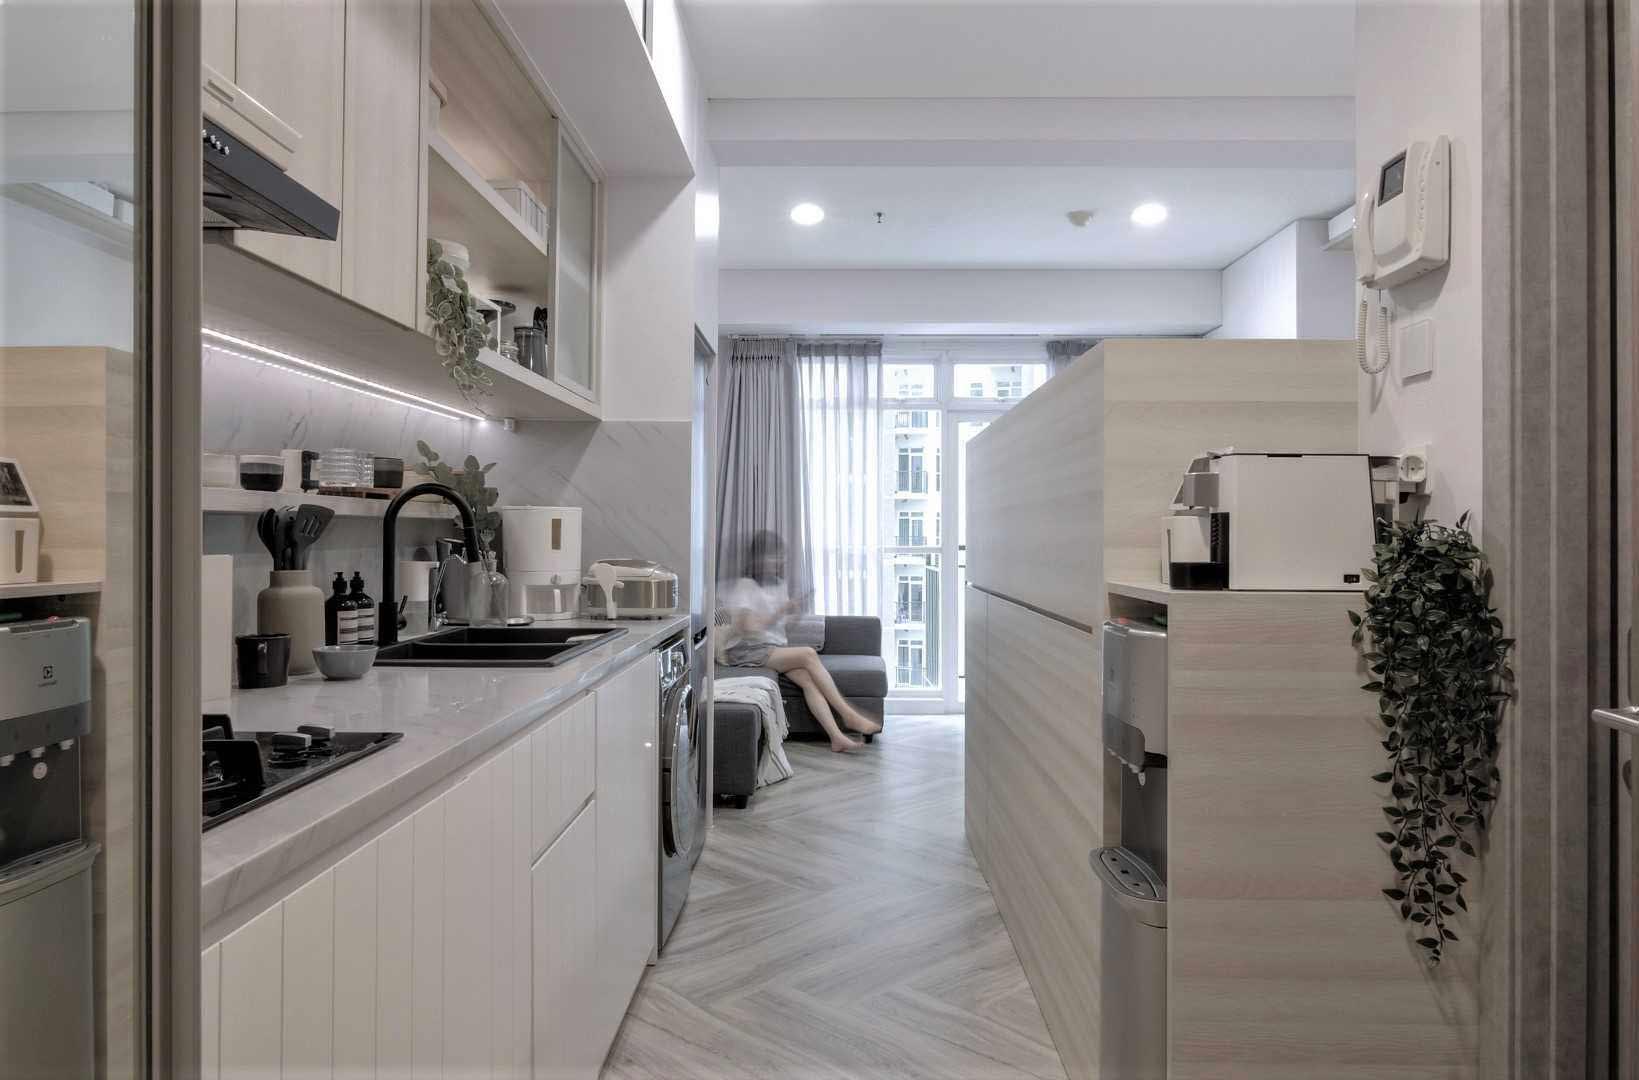 Desain open floor yang menghubungkan semua area dalam apartemen studio untuk kesan lapang, karya Co+In Collaborative Lab, via arsitag.com